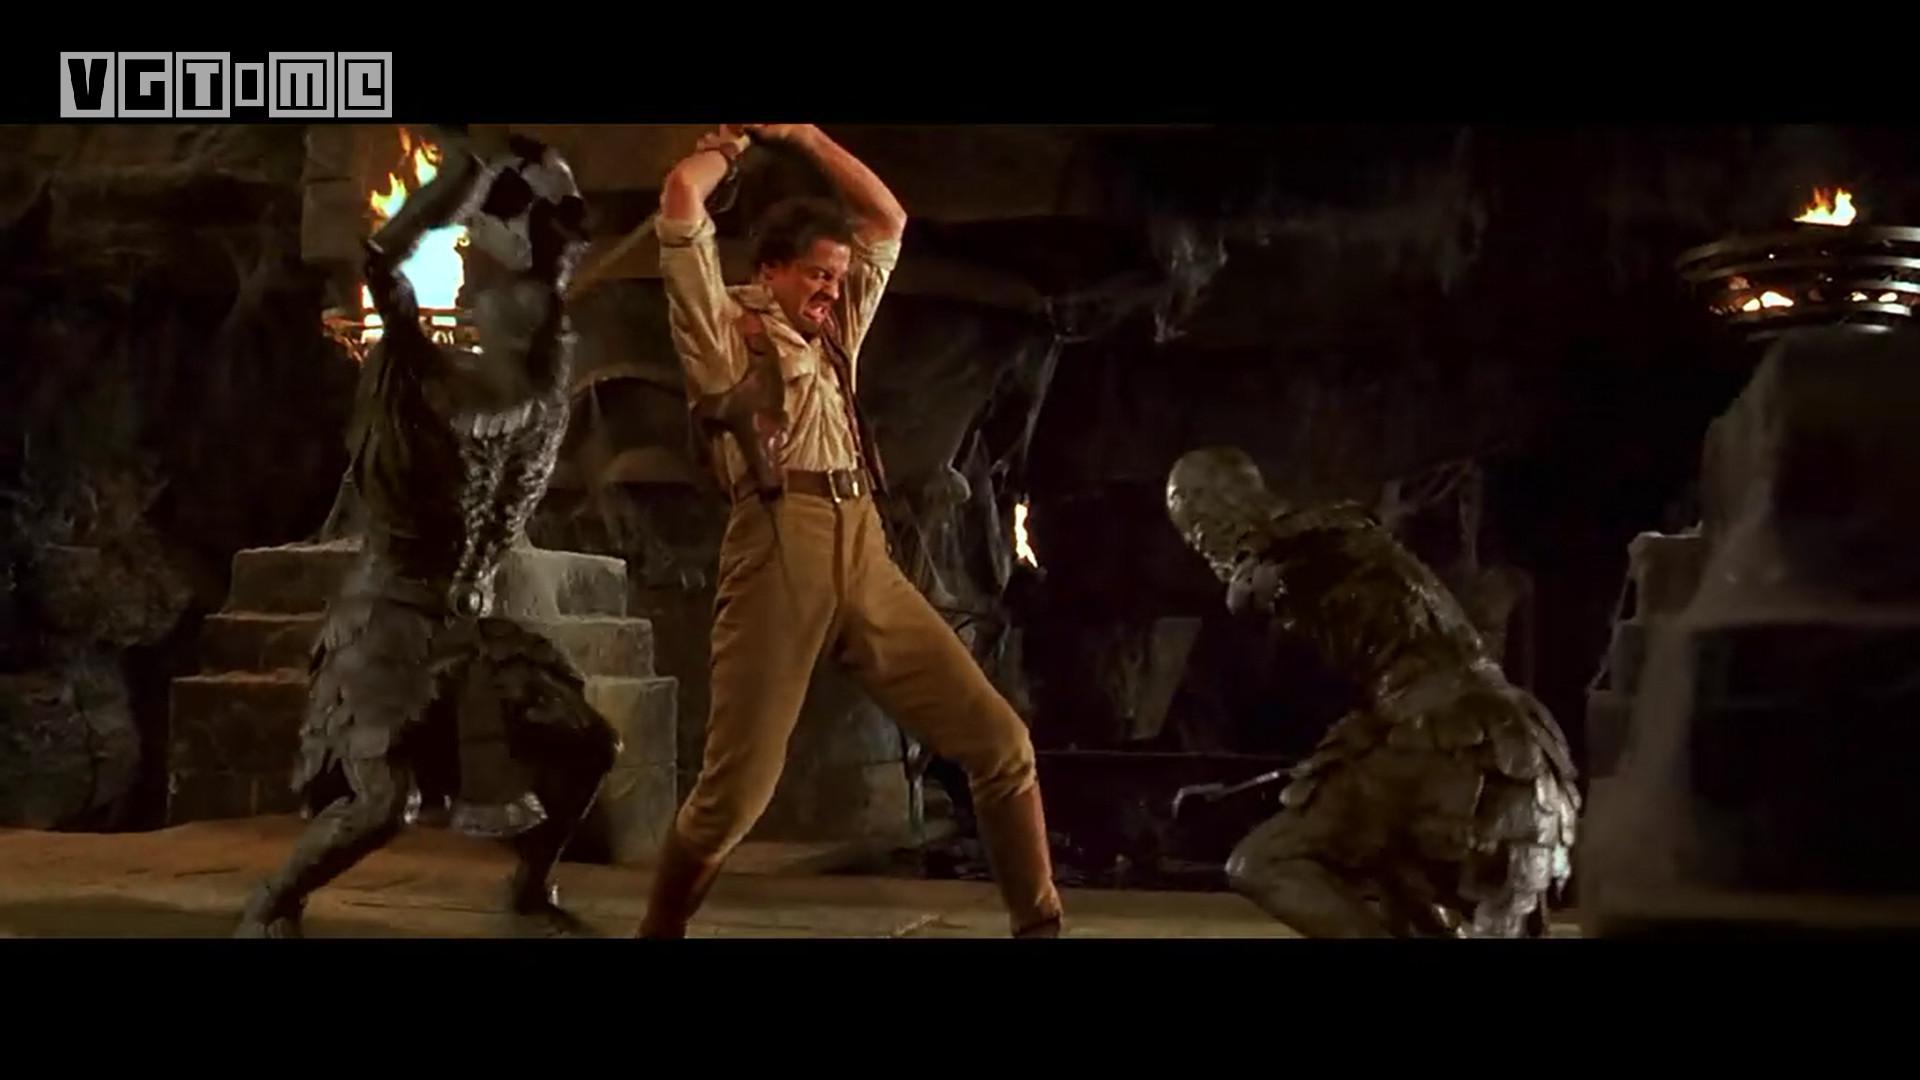 《木乃伊:盗墓迷城》(1999)理查德·奥康奈尔